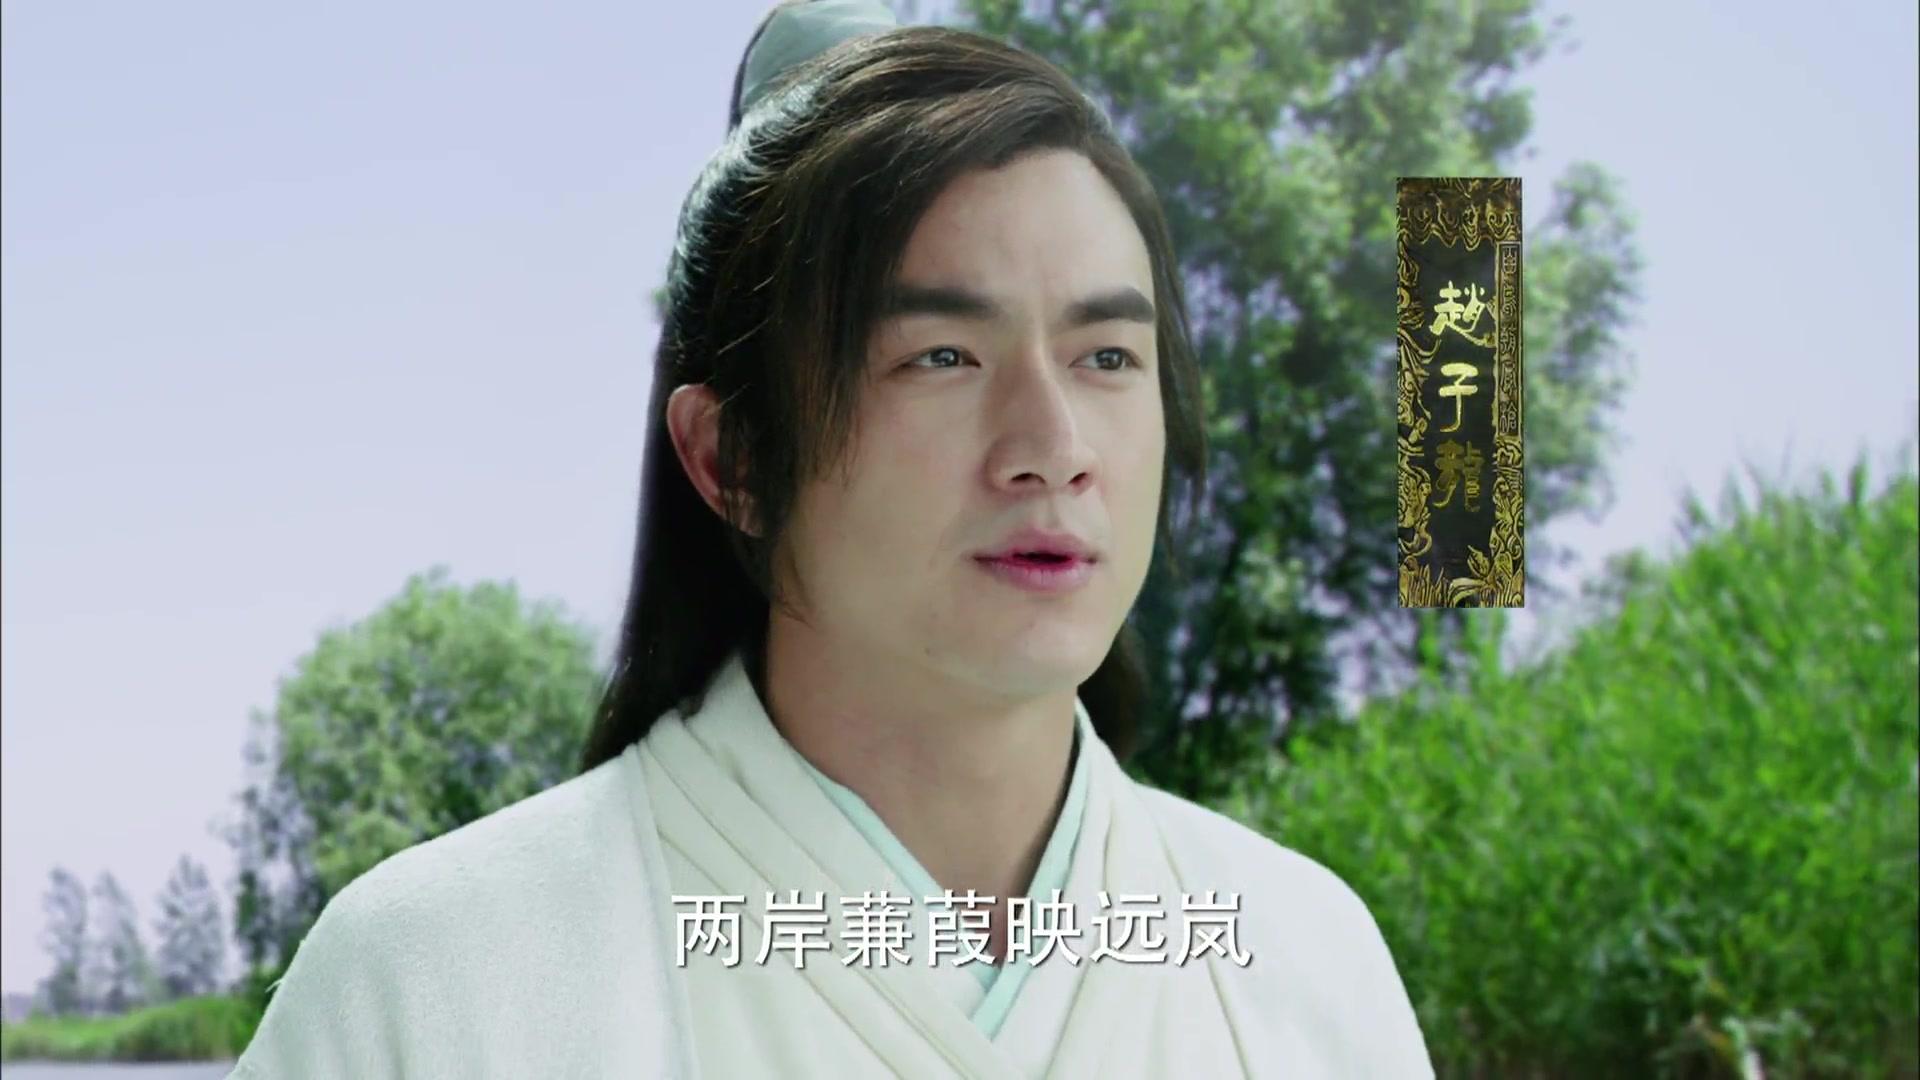 God of War, Zhao Yun Episode 1